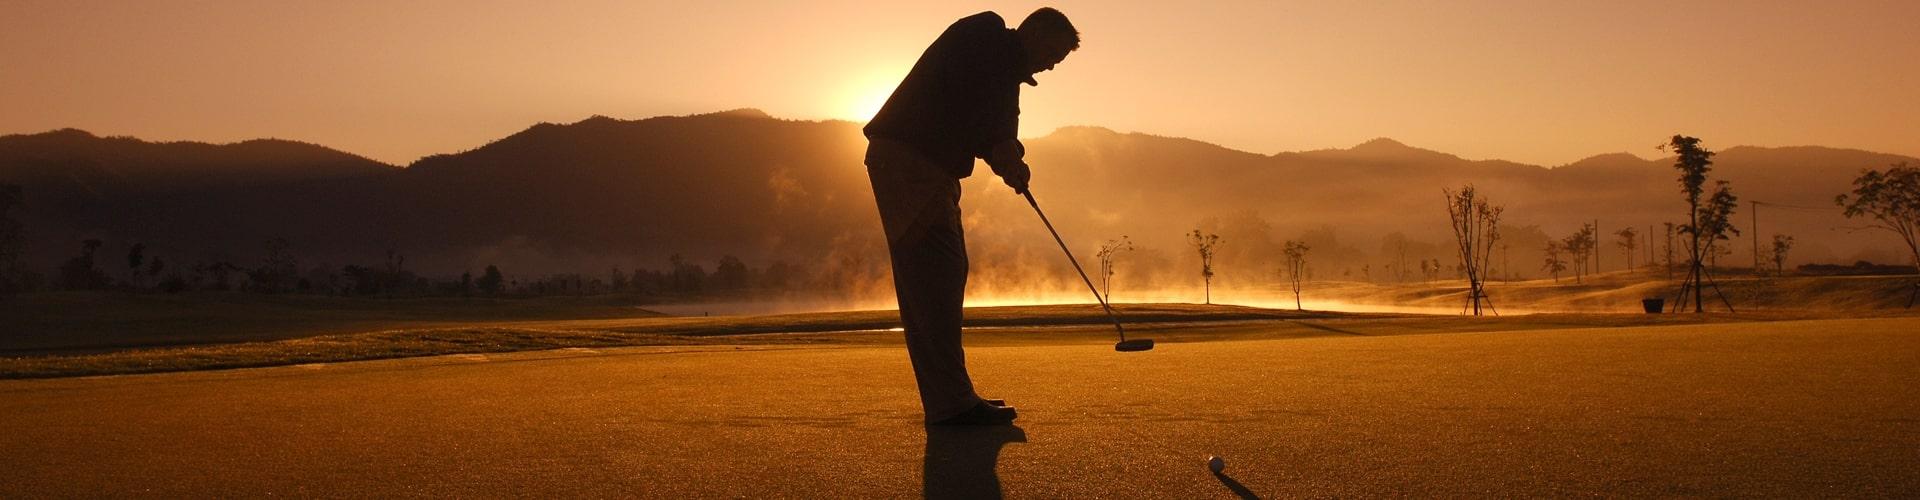 Golfer im Abendlicht